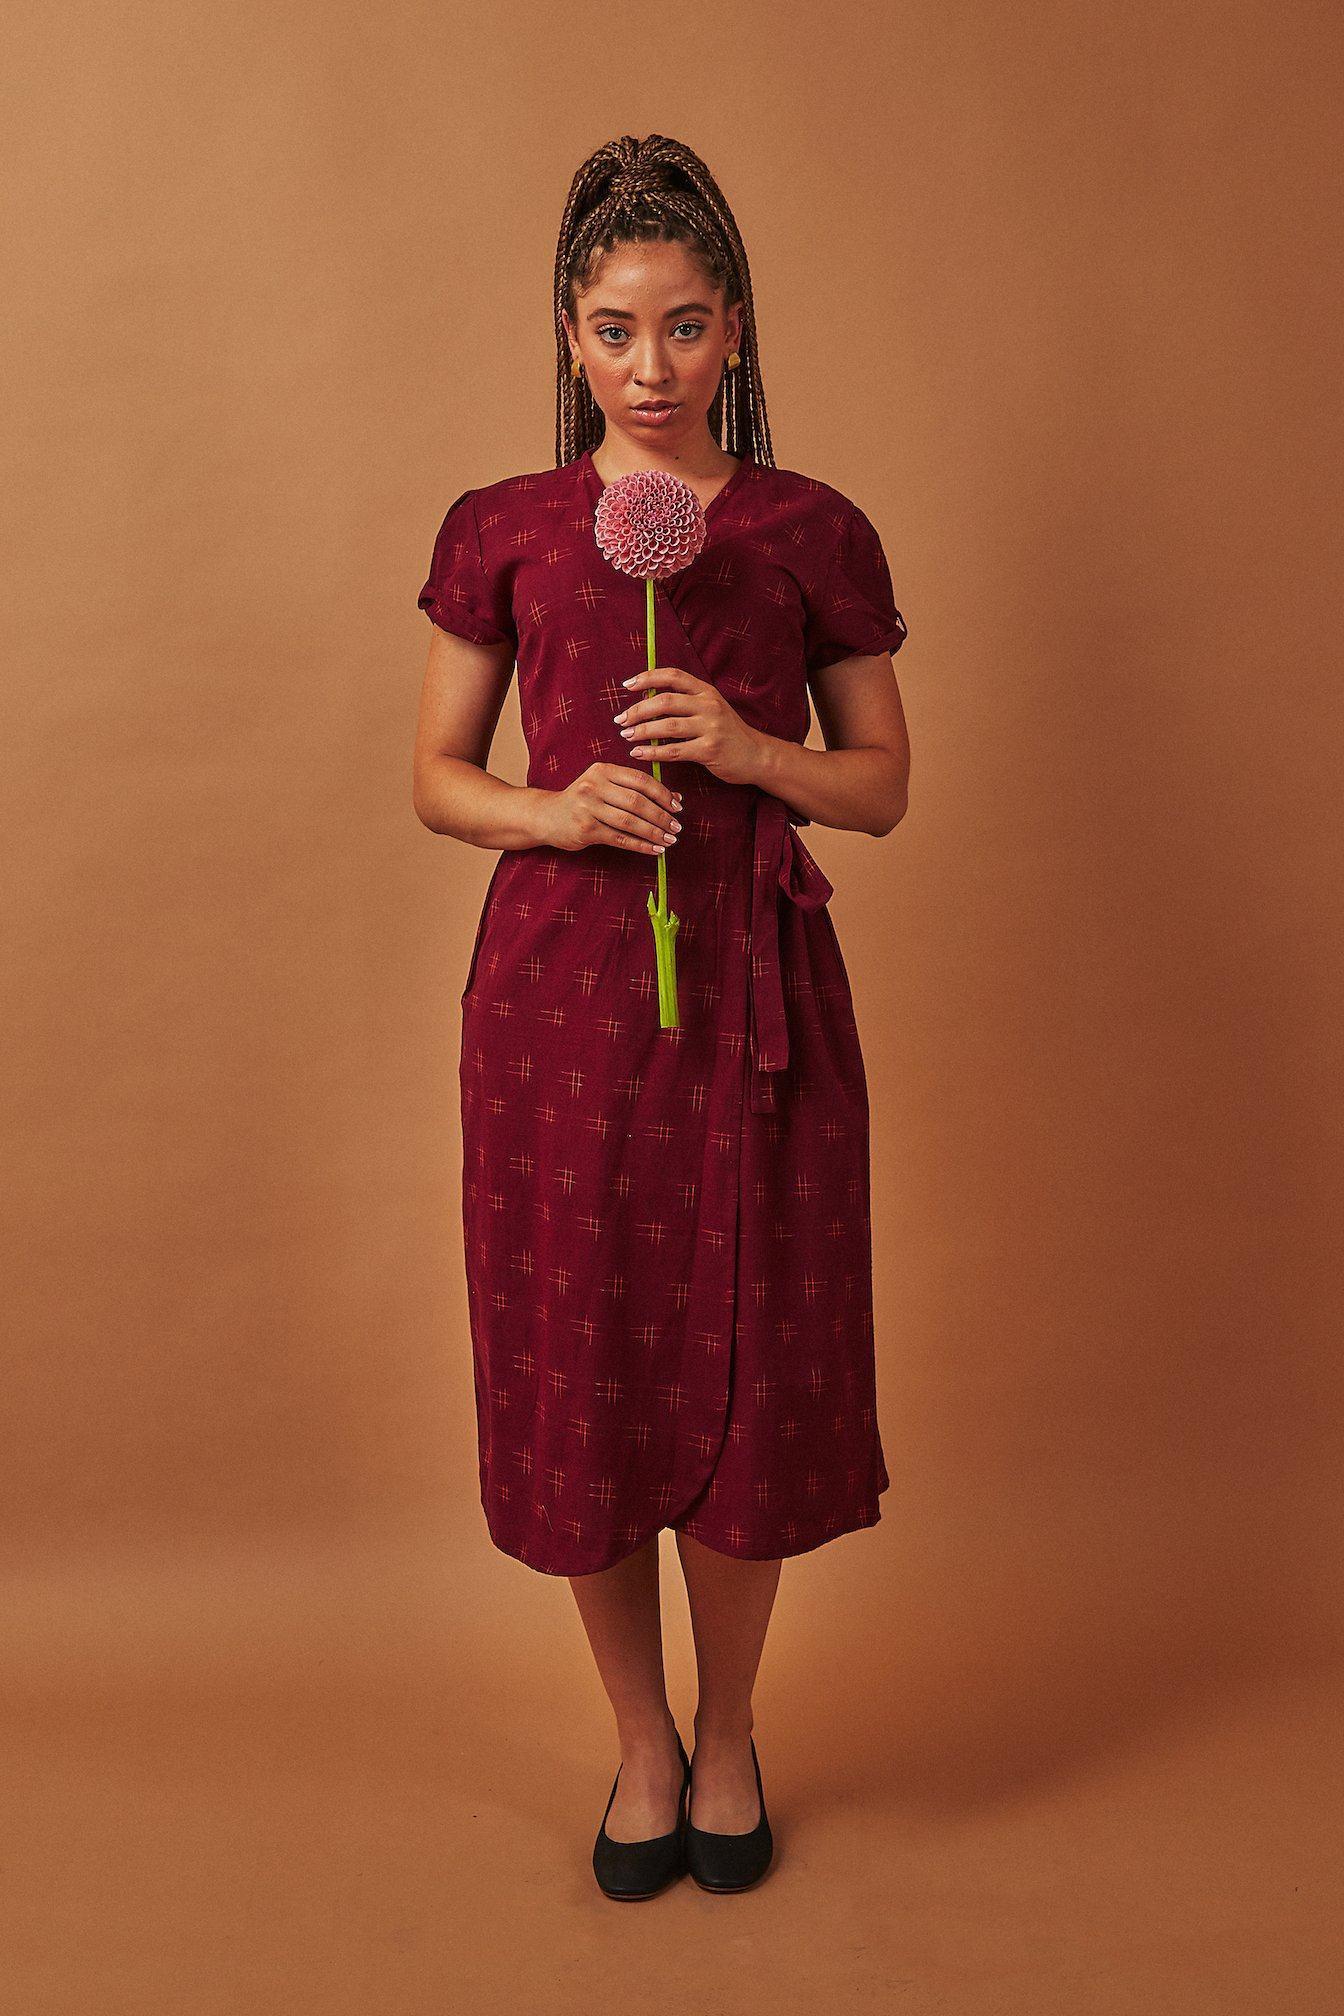 passion-lilie-merlot-wrap-dress-passion-lilie-171404_1500x.jpg